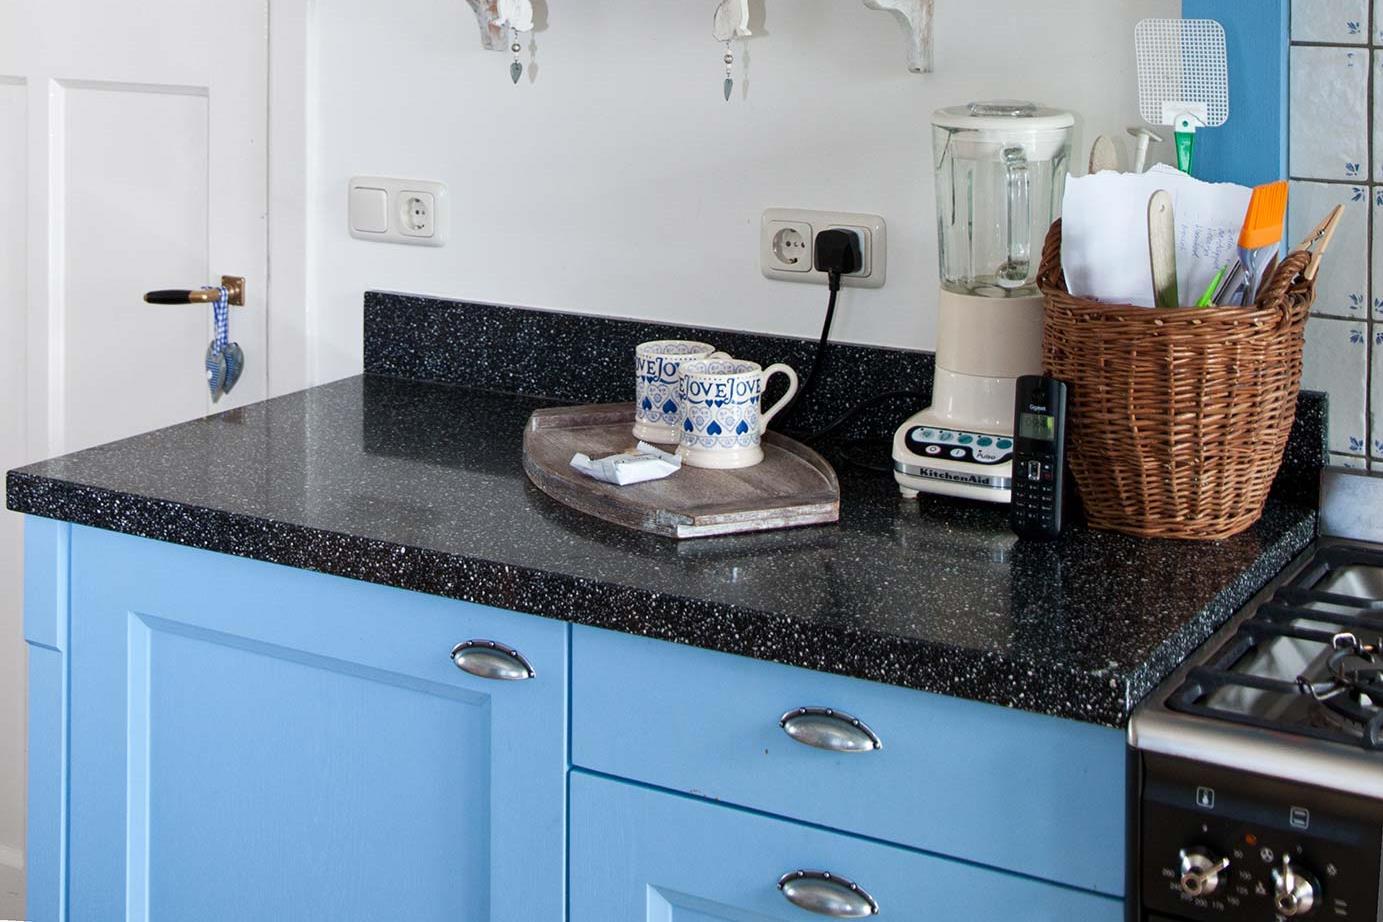 Keuken handgrepen zwart keuken handgrepen mm nieuwe artikelen interieurbeslag get cheap keuken - Kleine keuken modellen ...